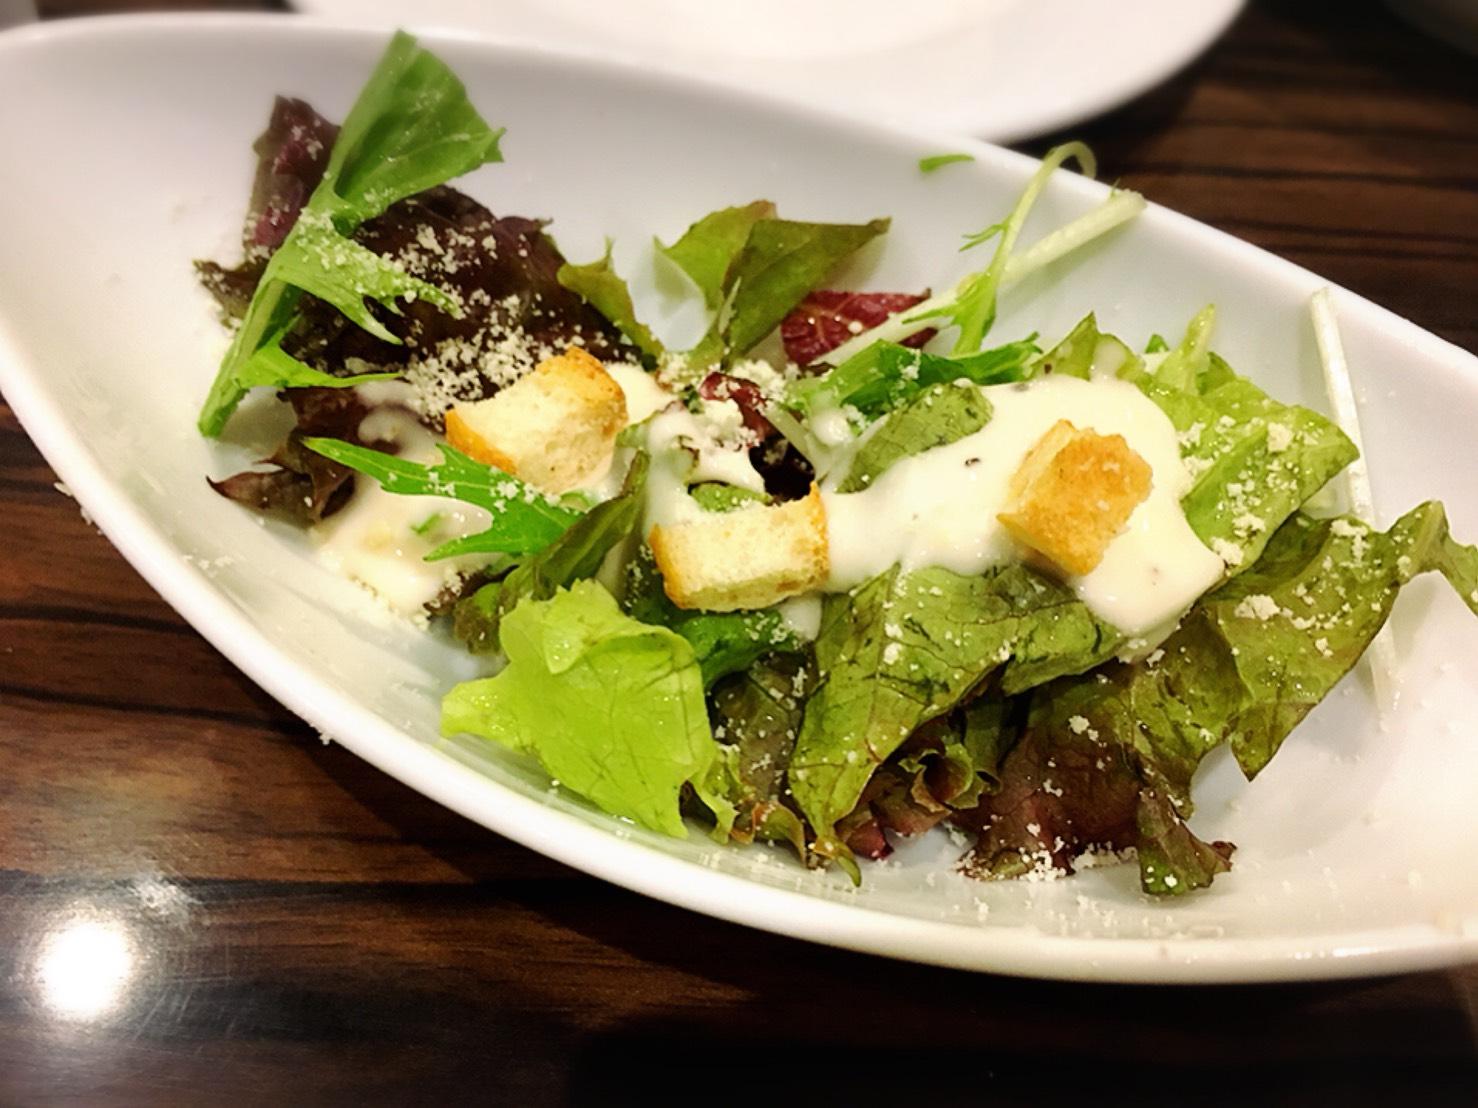 【池袋駅】自家製パン食べ放題とグリルで満腹「ビストロ309」のサラダ